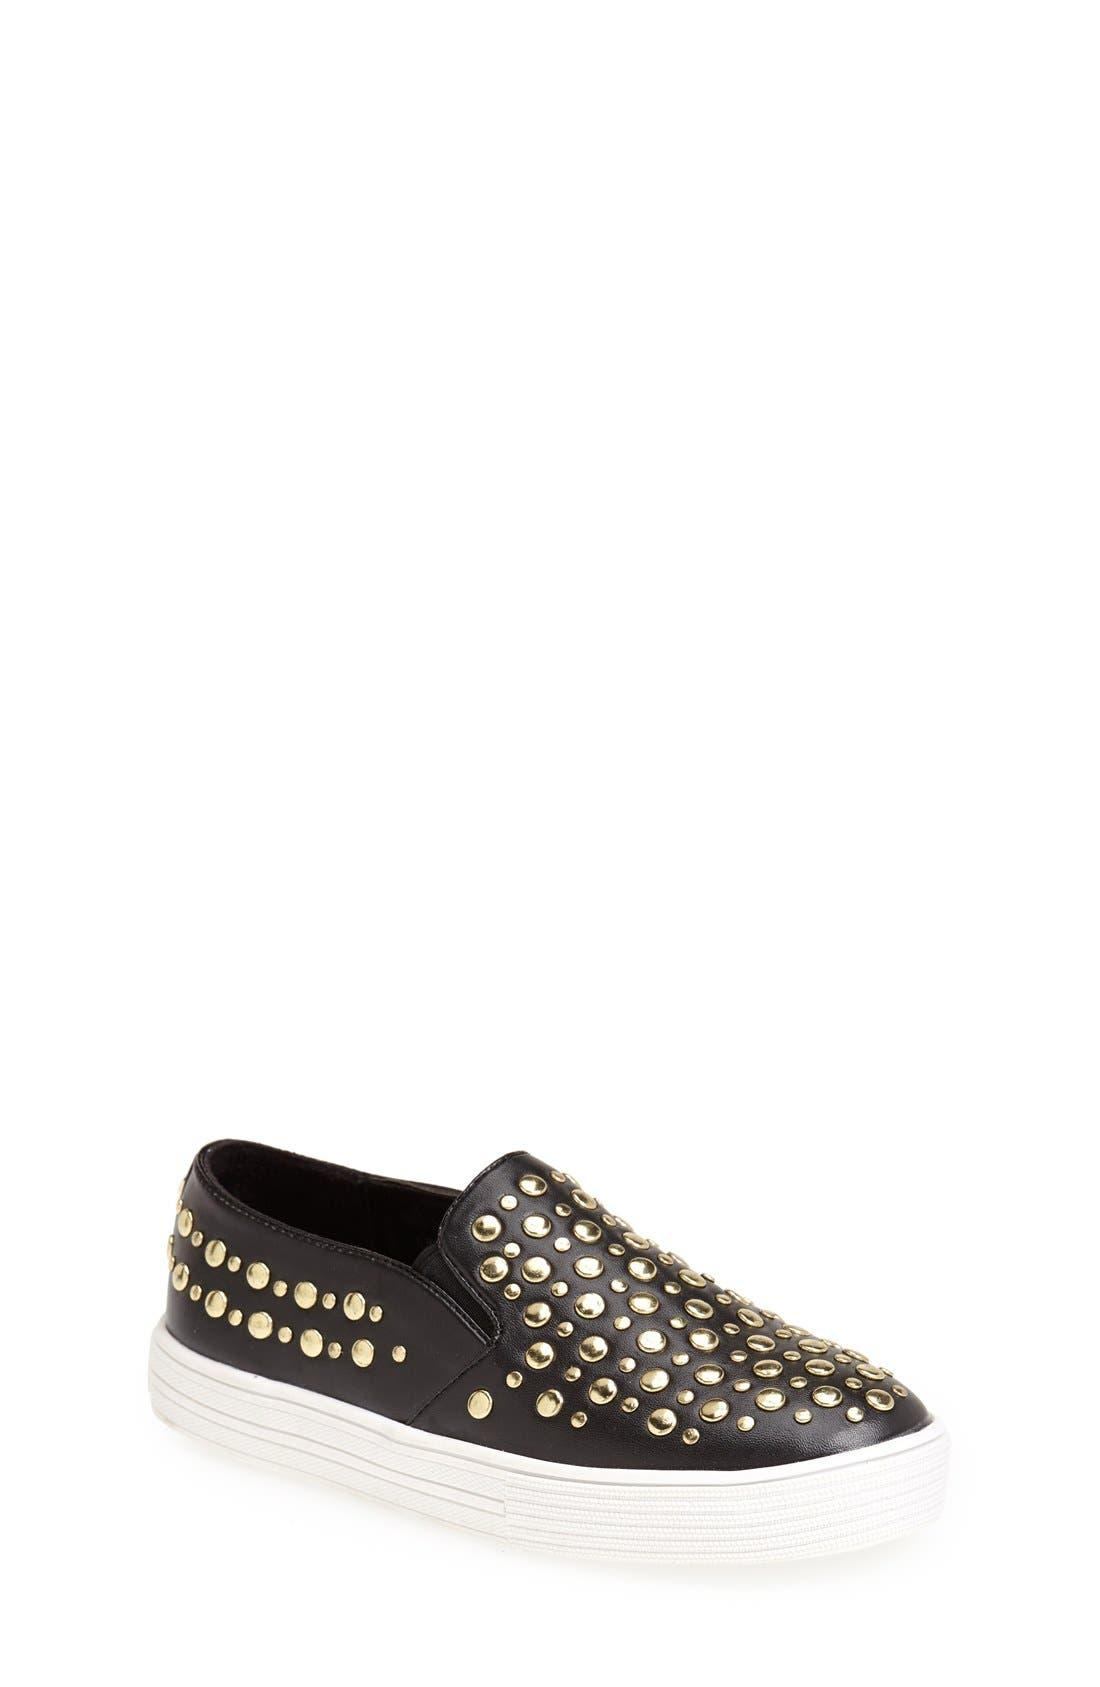 'Ivy Jade' Slip-On Sneaker, Main, color, 001